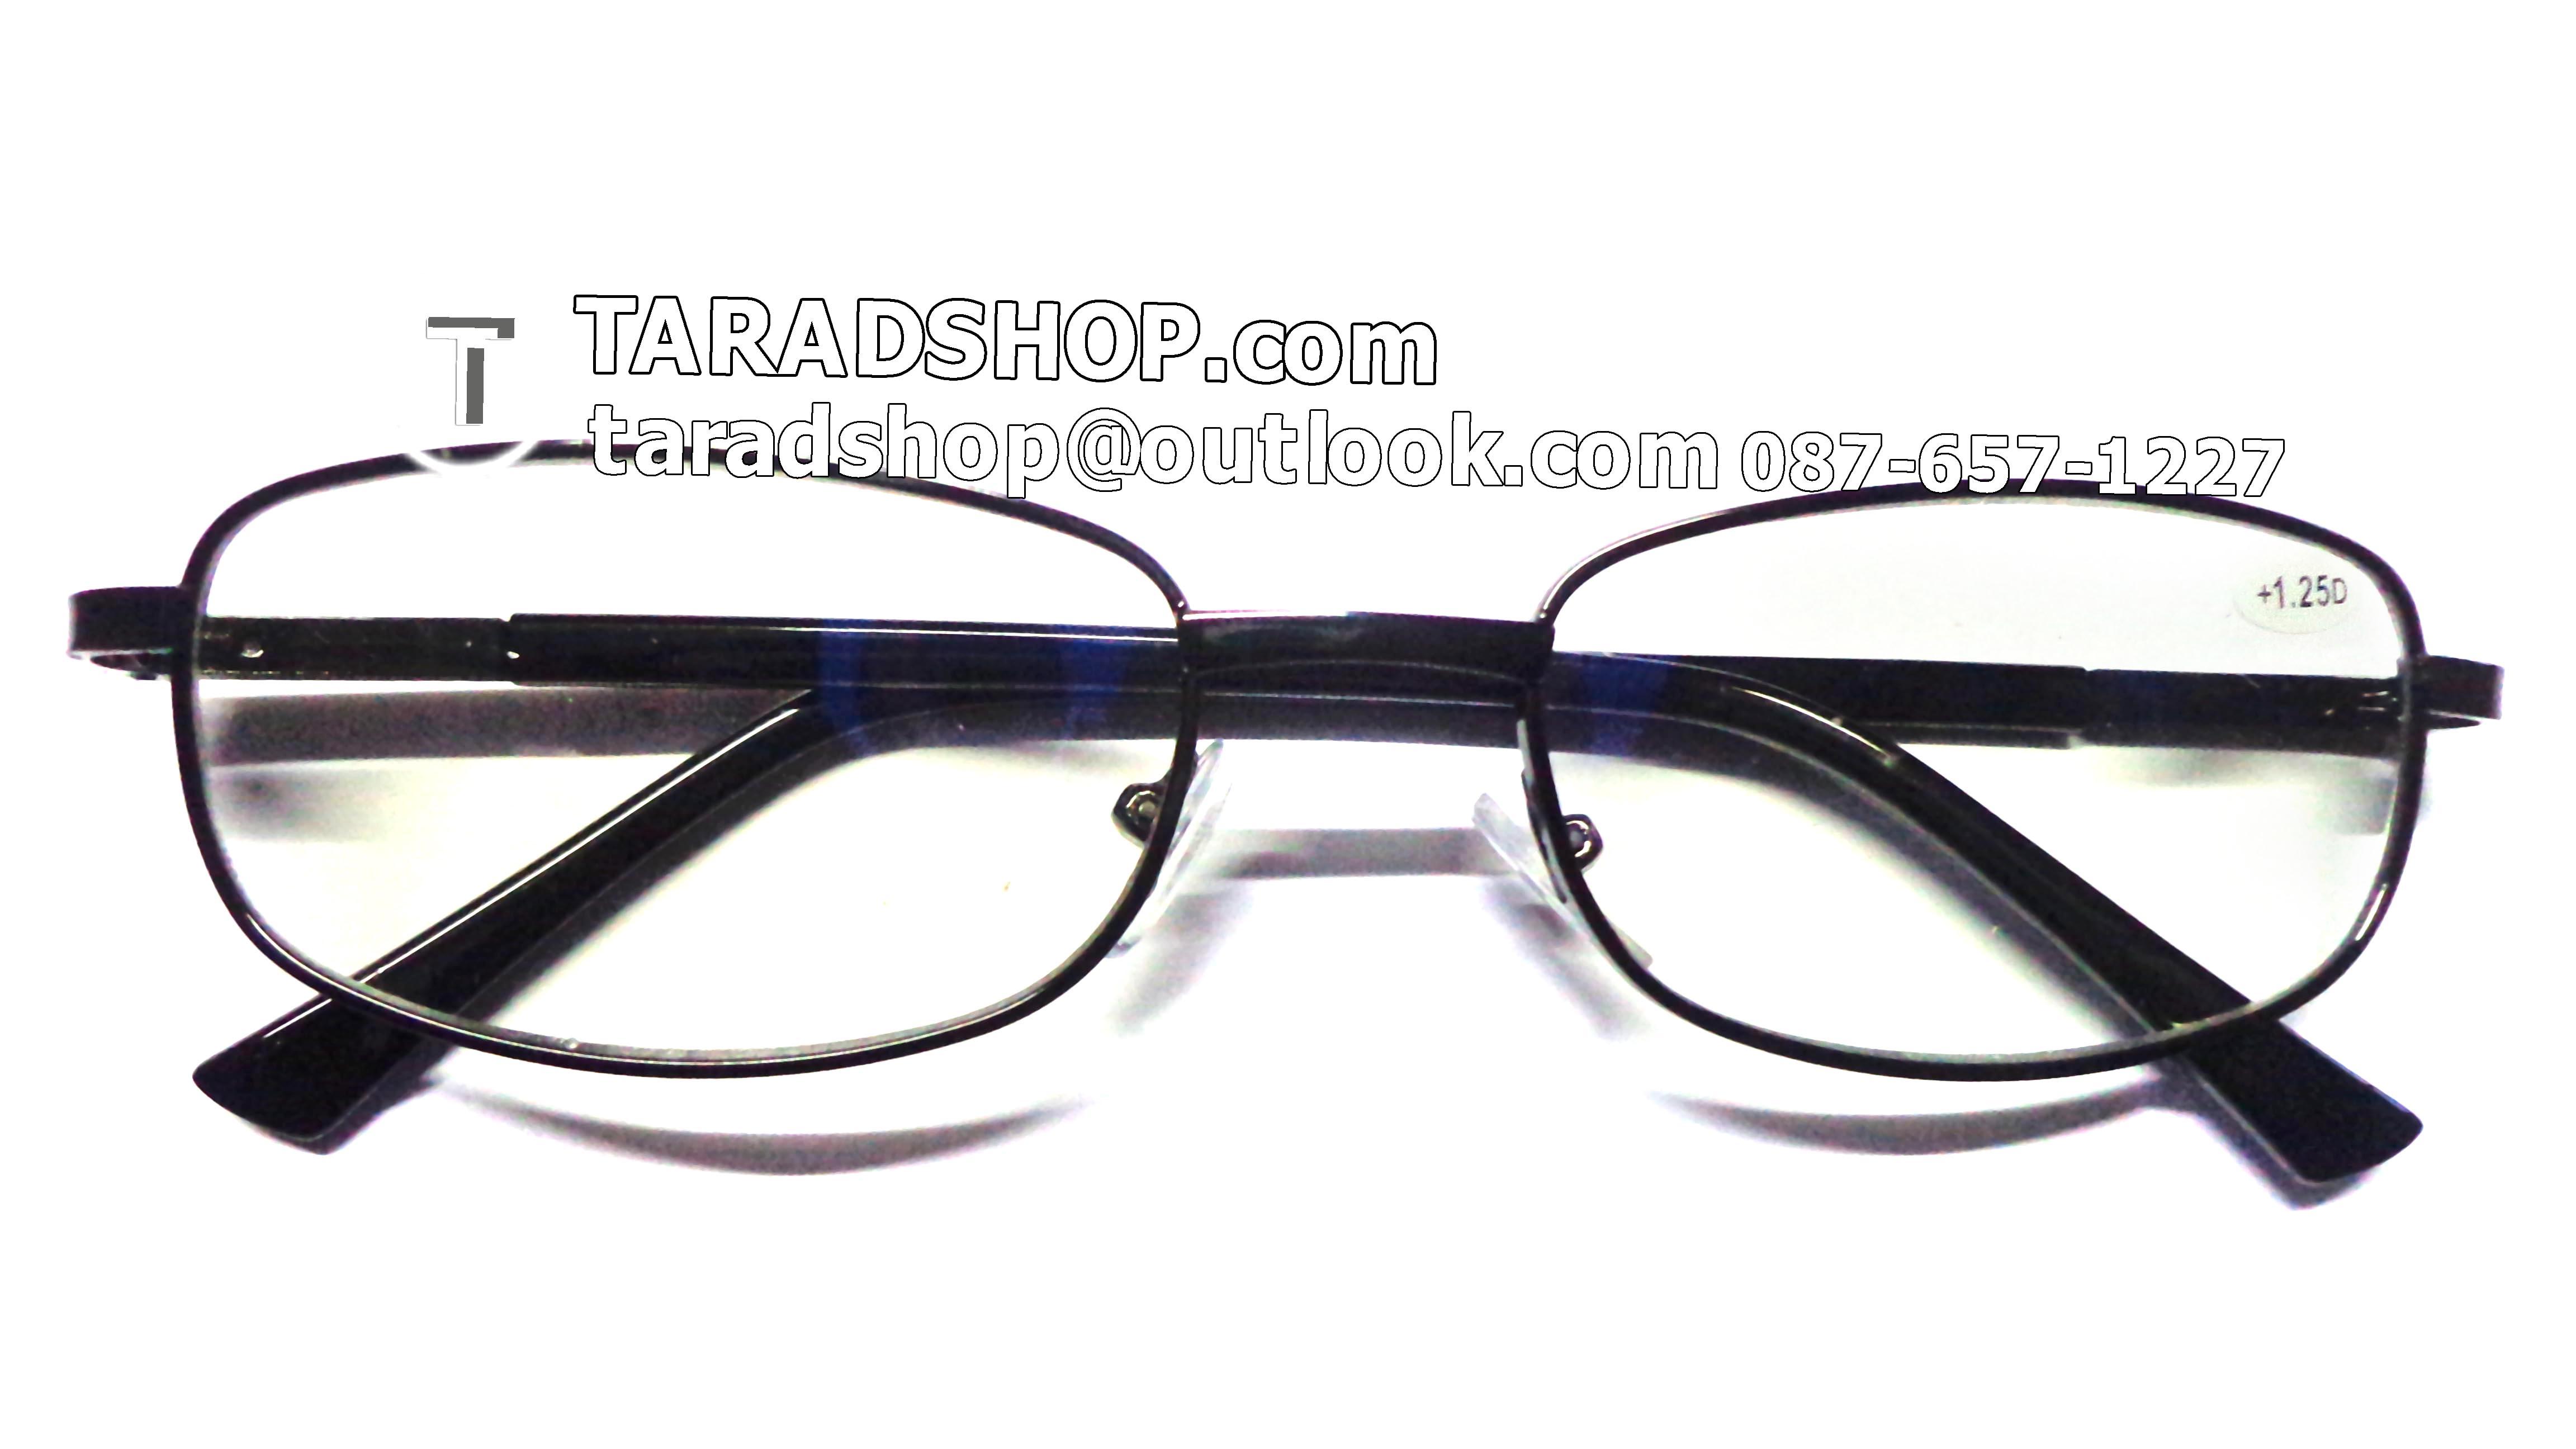 แว่นสายตา ยาว +1.25D ( สีเลนส์ กระจกใส ) สีกรอบ ดำ ) ขา สแตนเลส )